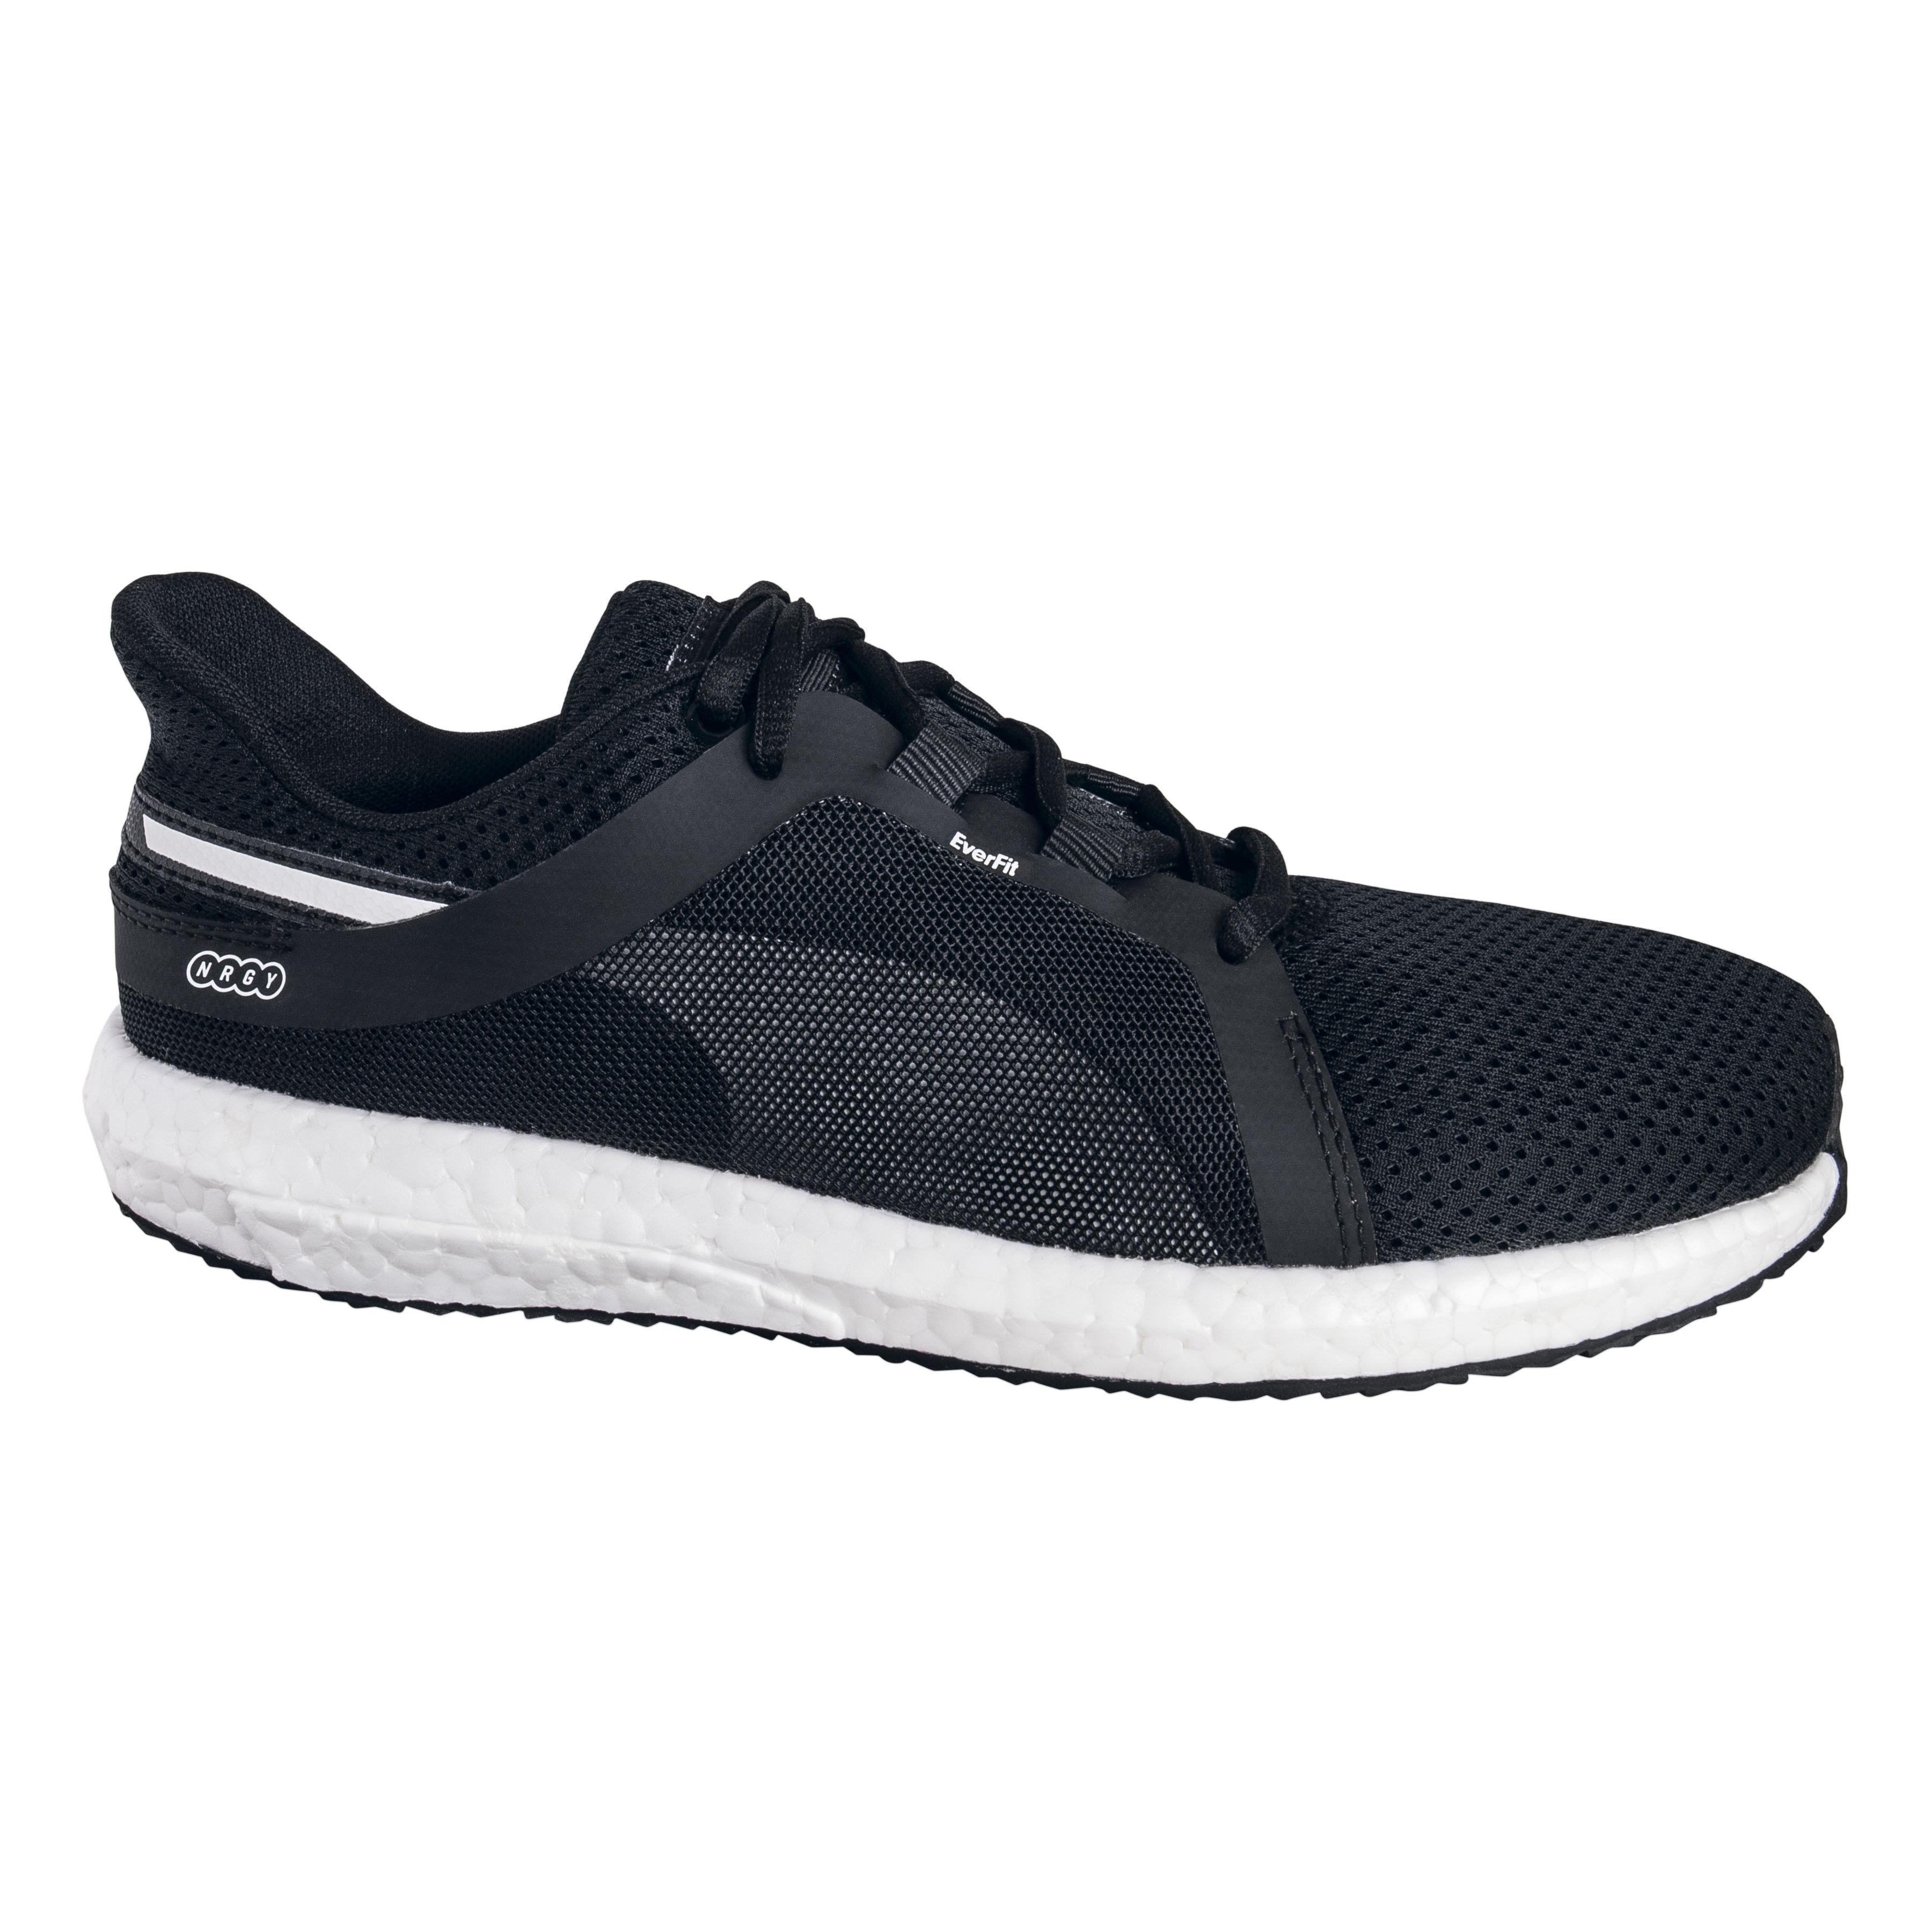 Puma Mega Nrgy Turbo 2 Sneaker Damen schwarz